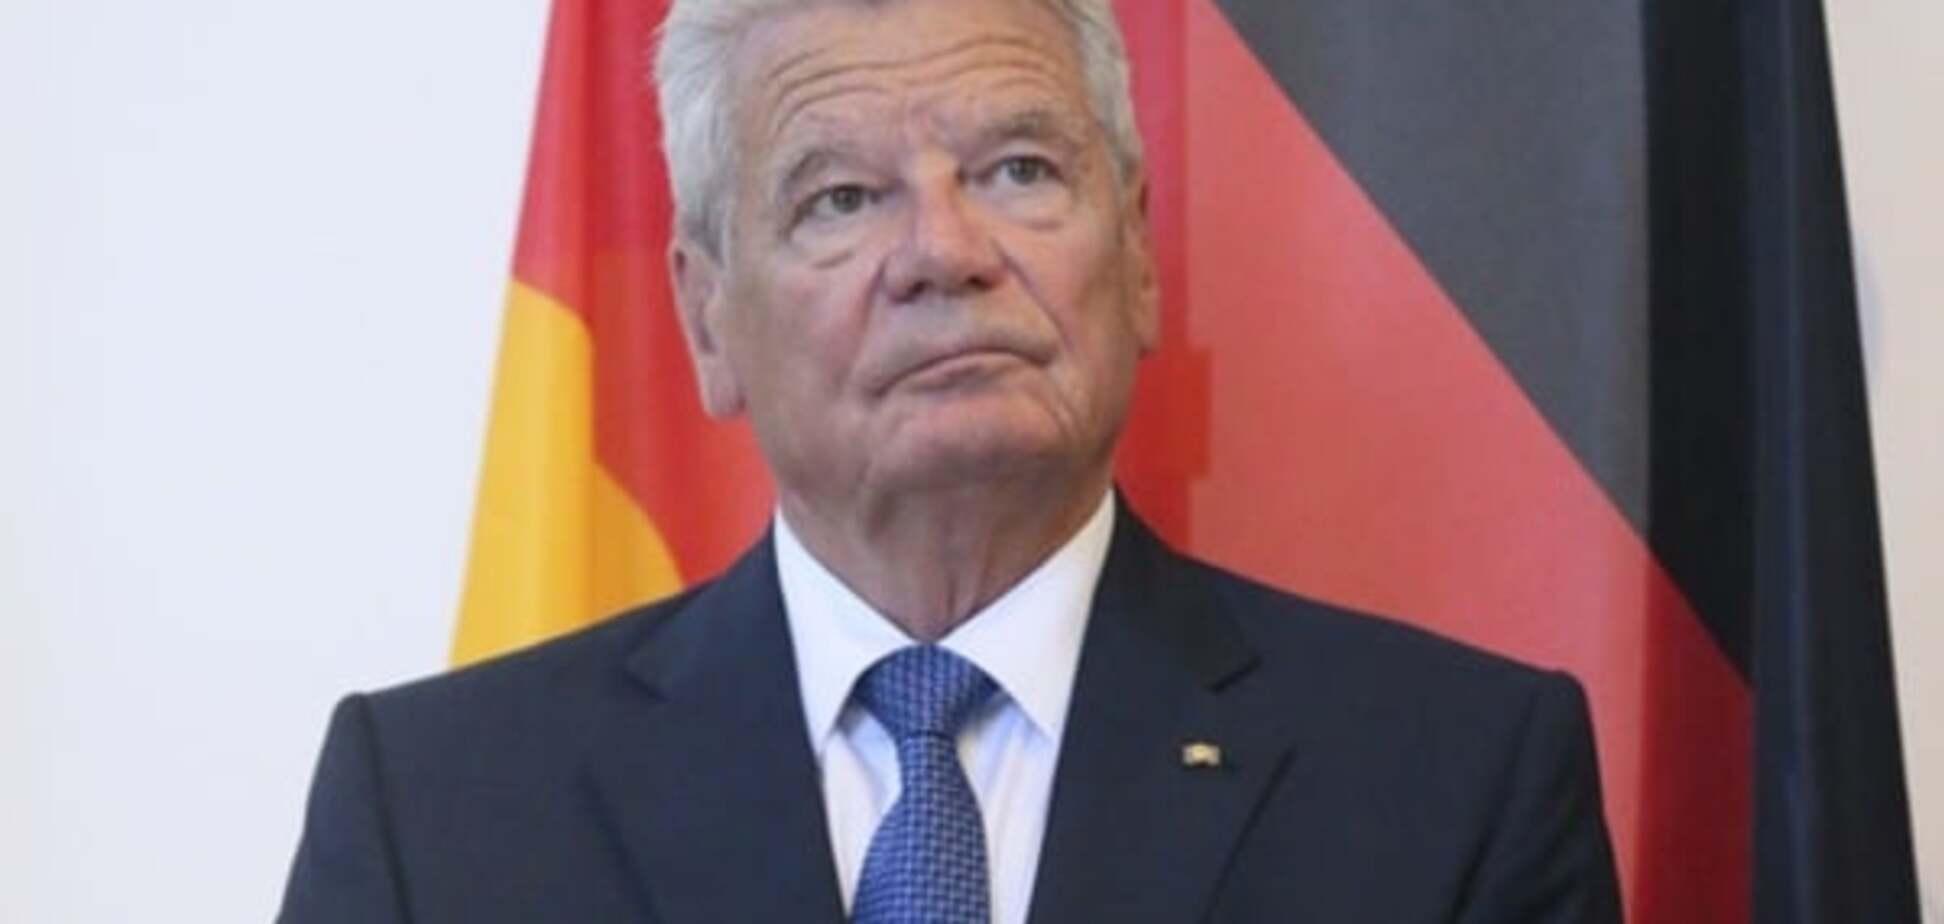 Трагедия Бабьего Яра: президент Германии приедет почтить память жертв расстрелов